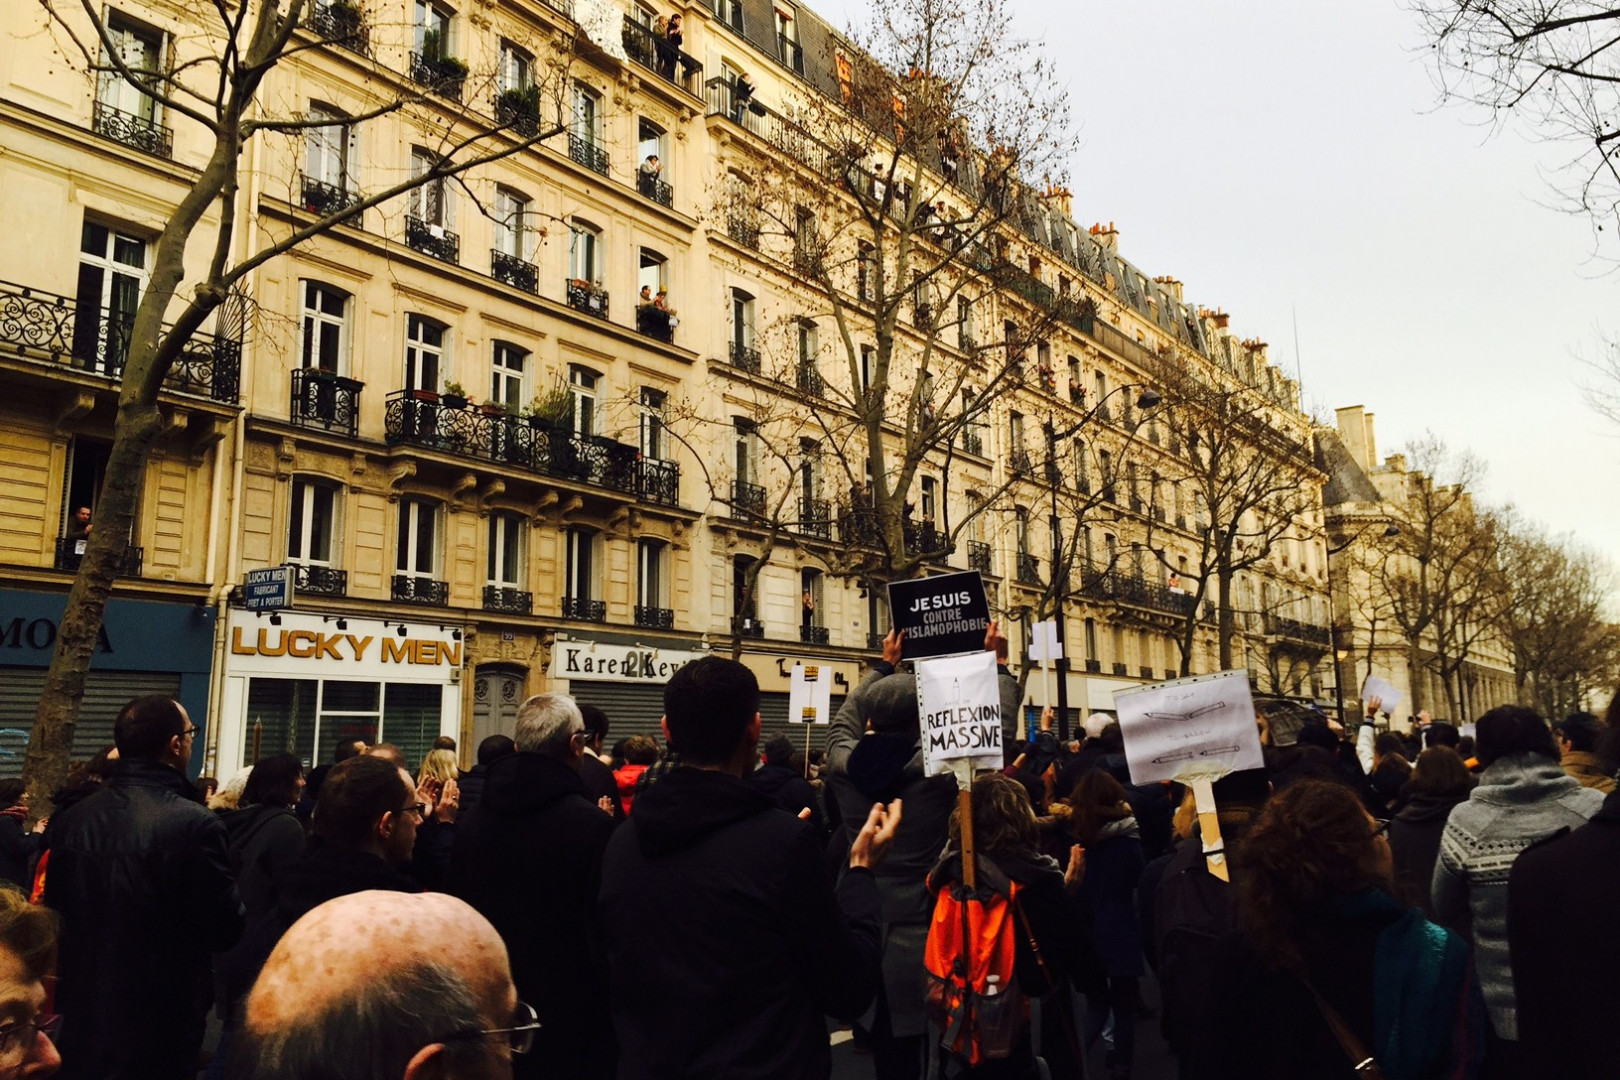 Certains Parisiens observent la marche depuis chez eux